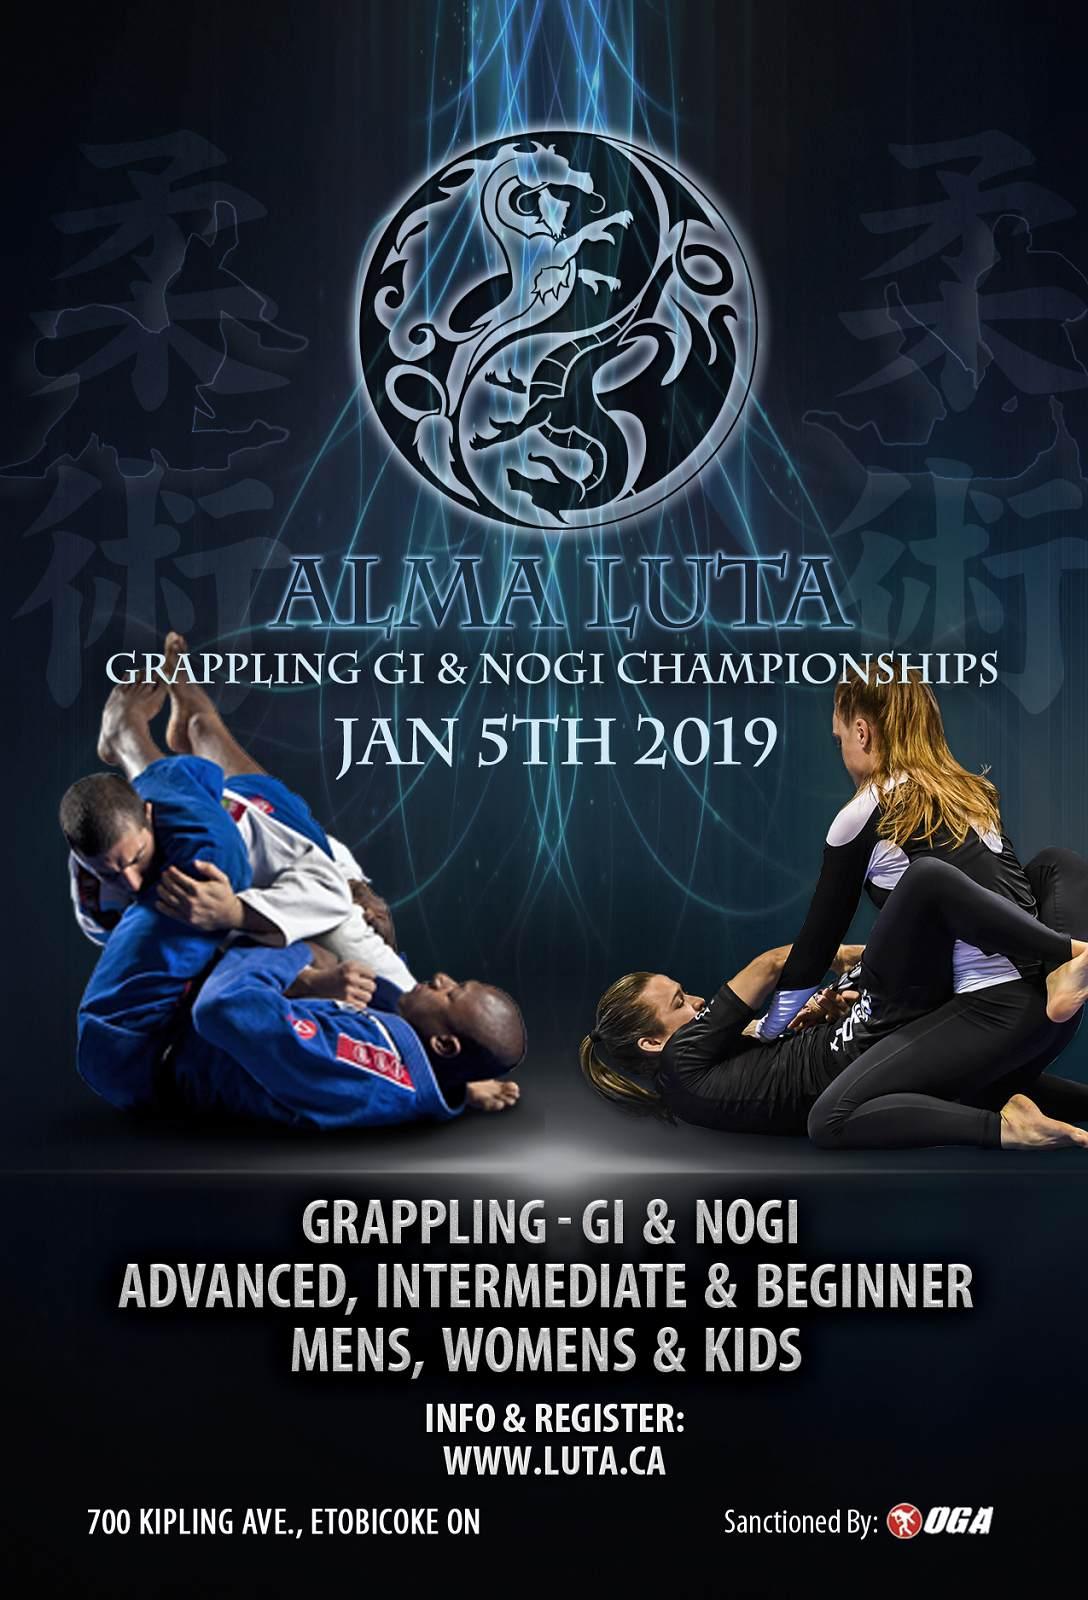 MMA   Brazilian Jiu Jitsu   Grappling   Muay Thai   Kickboxing